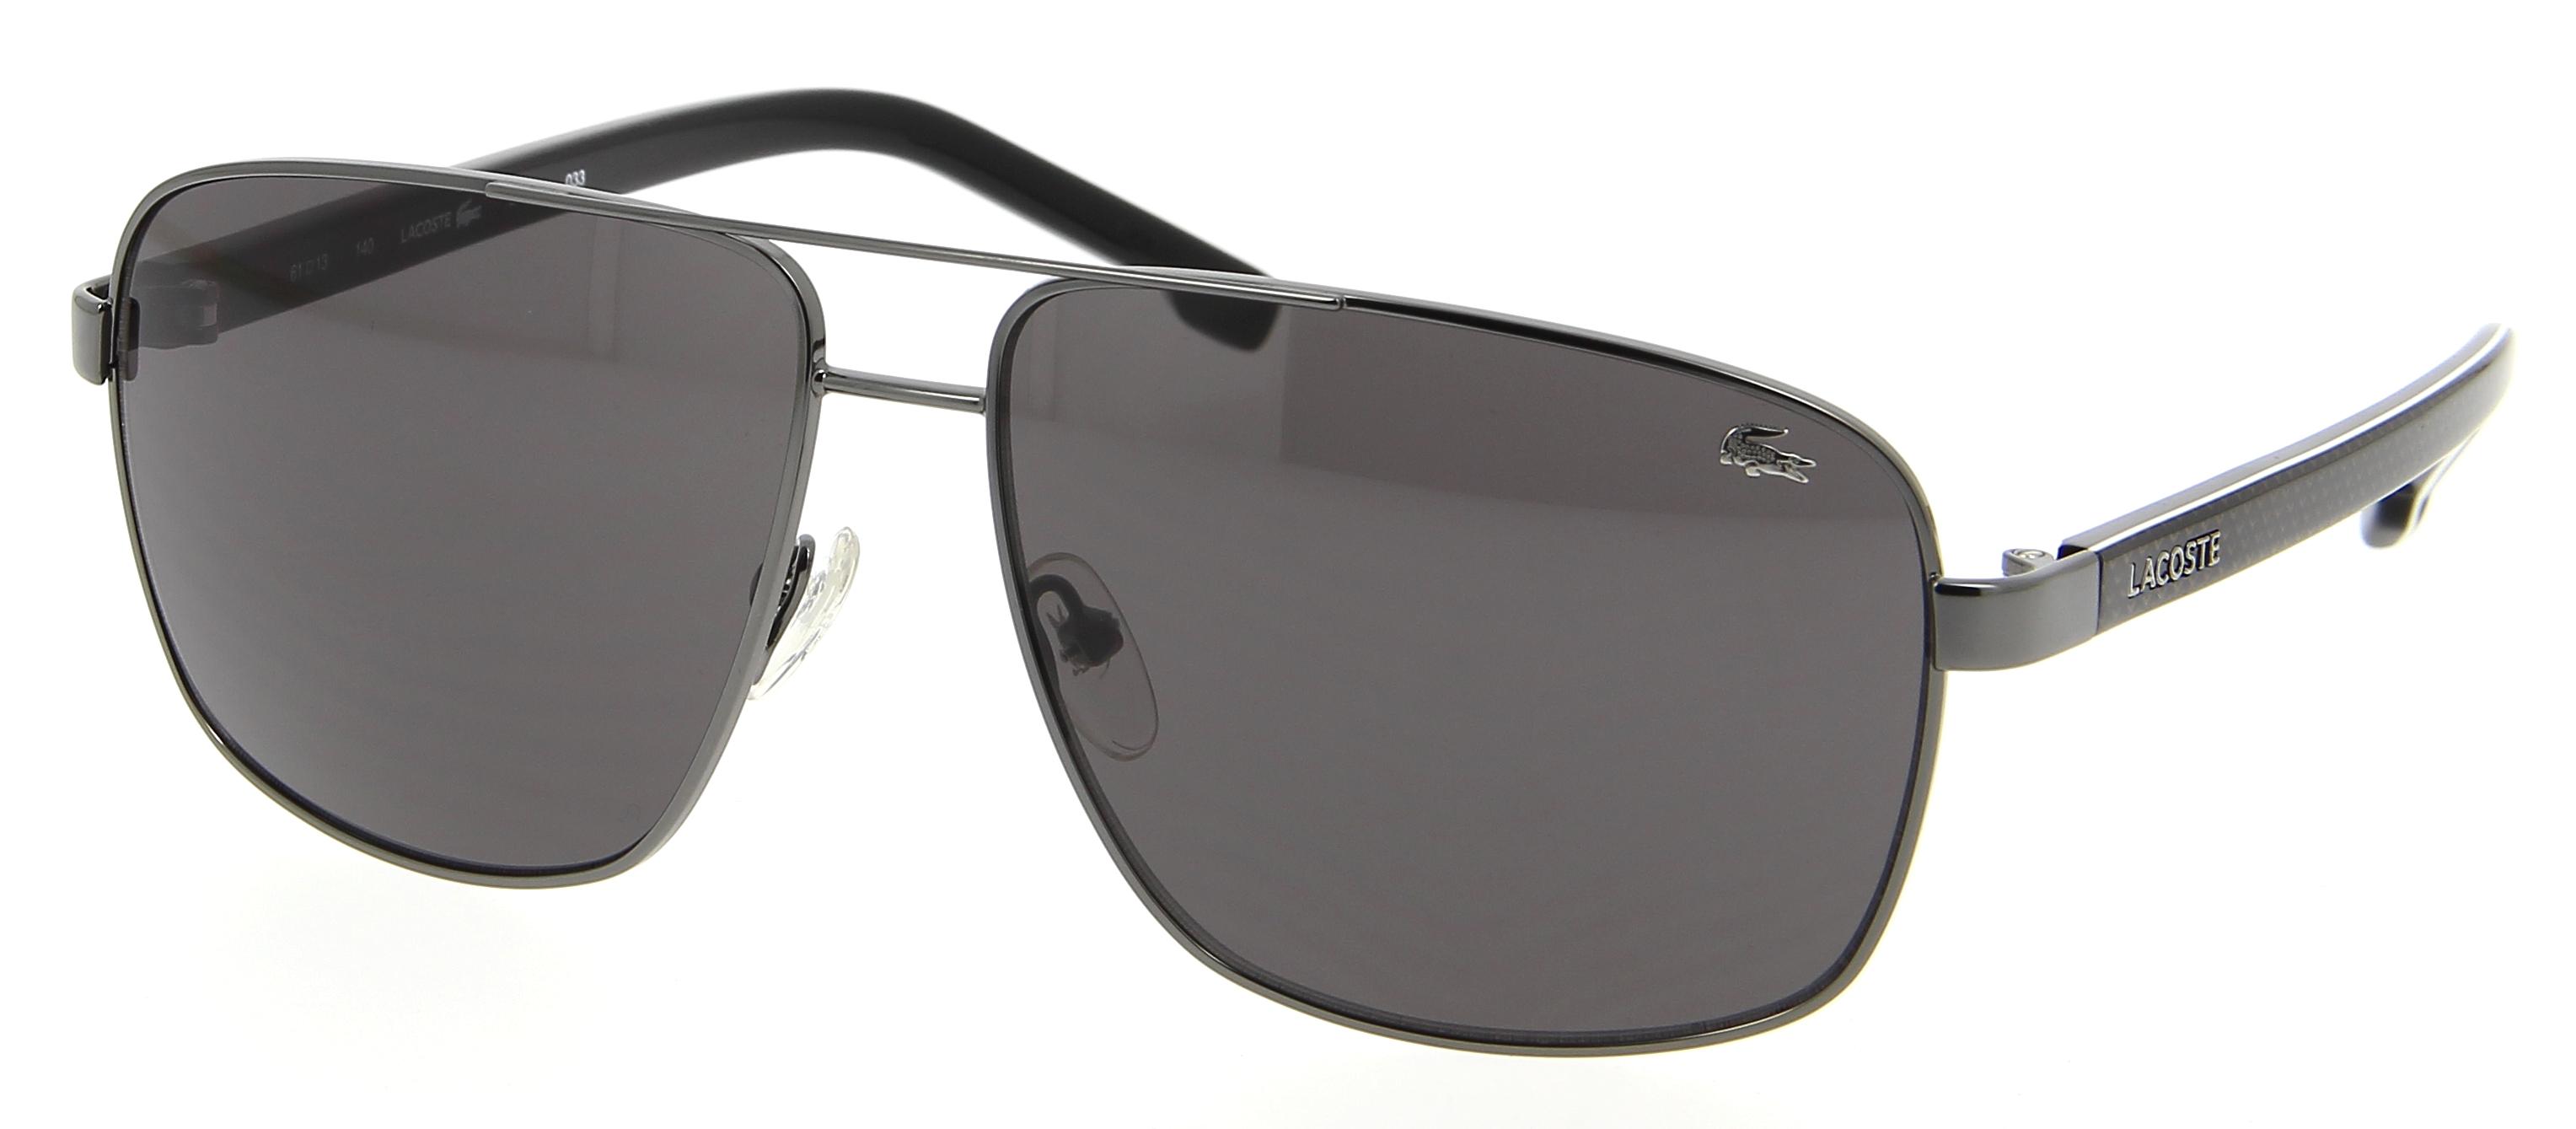 lunettes de soleil lacoste l 162s 033 61 13 homme noire rectangle cercl e classique 61mmx13mm 114. Black Bedroom Furniture Sets. Home Design Ideas